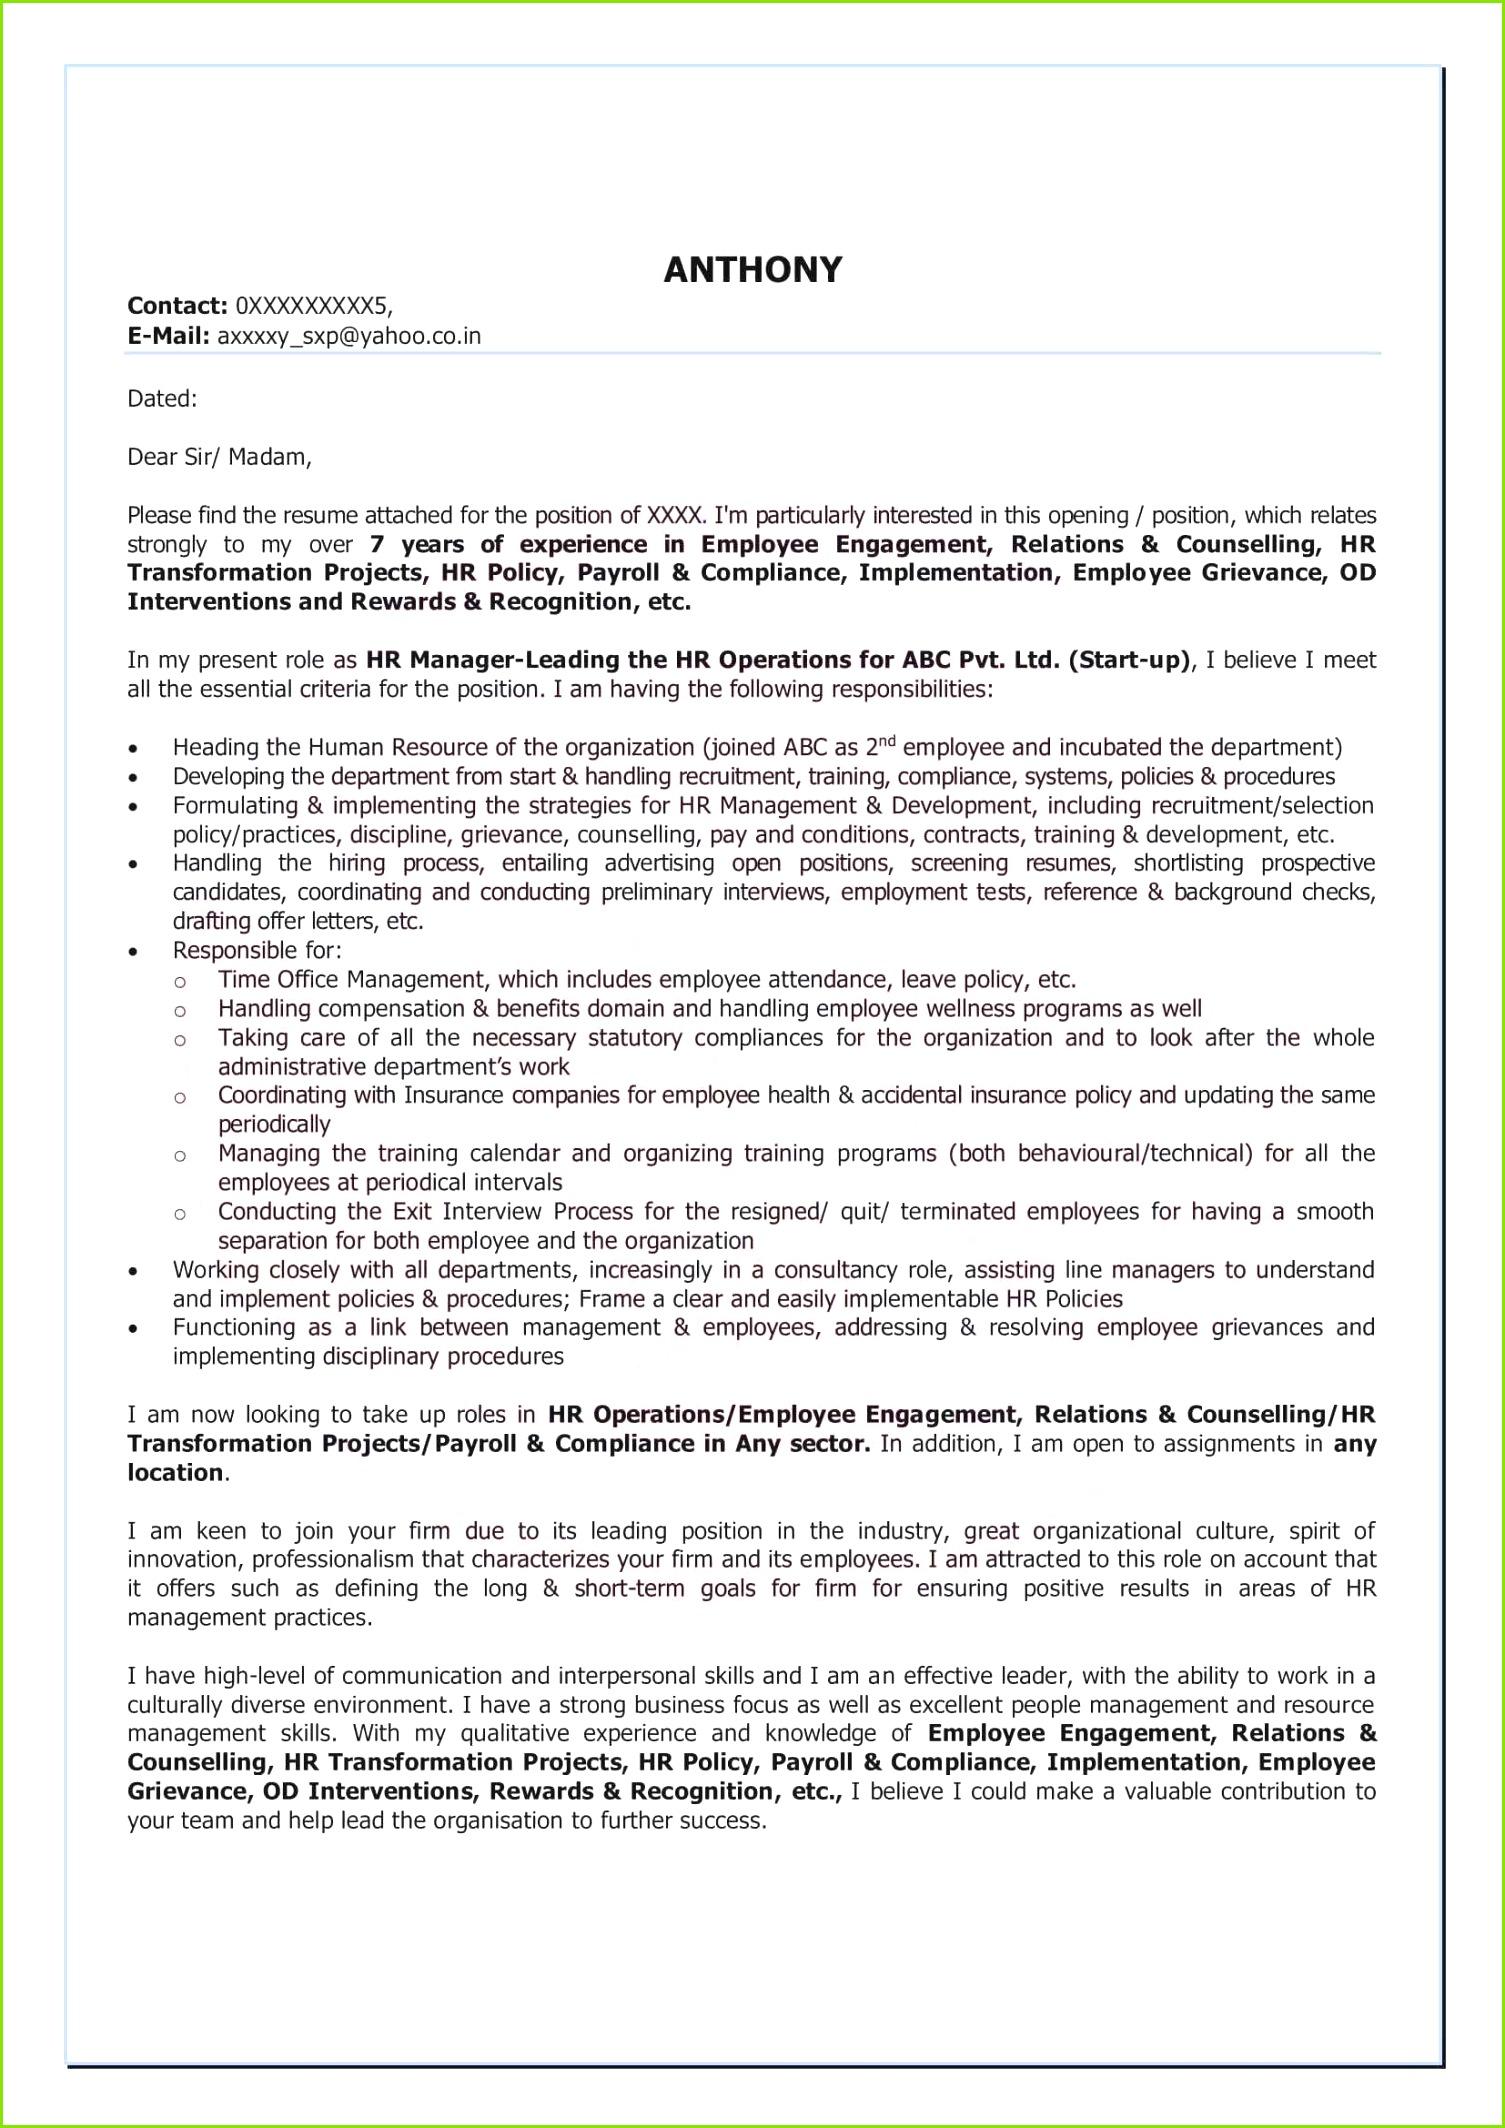 Vodafone Dsl Kündigung Vorlage Die Besten Inspirierende Kündigung Vodafone Kabel Deutschland 35 Herunterladbare Vodafone Dsl